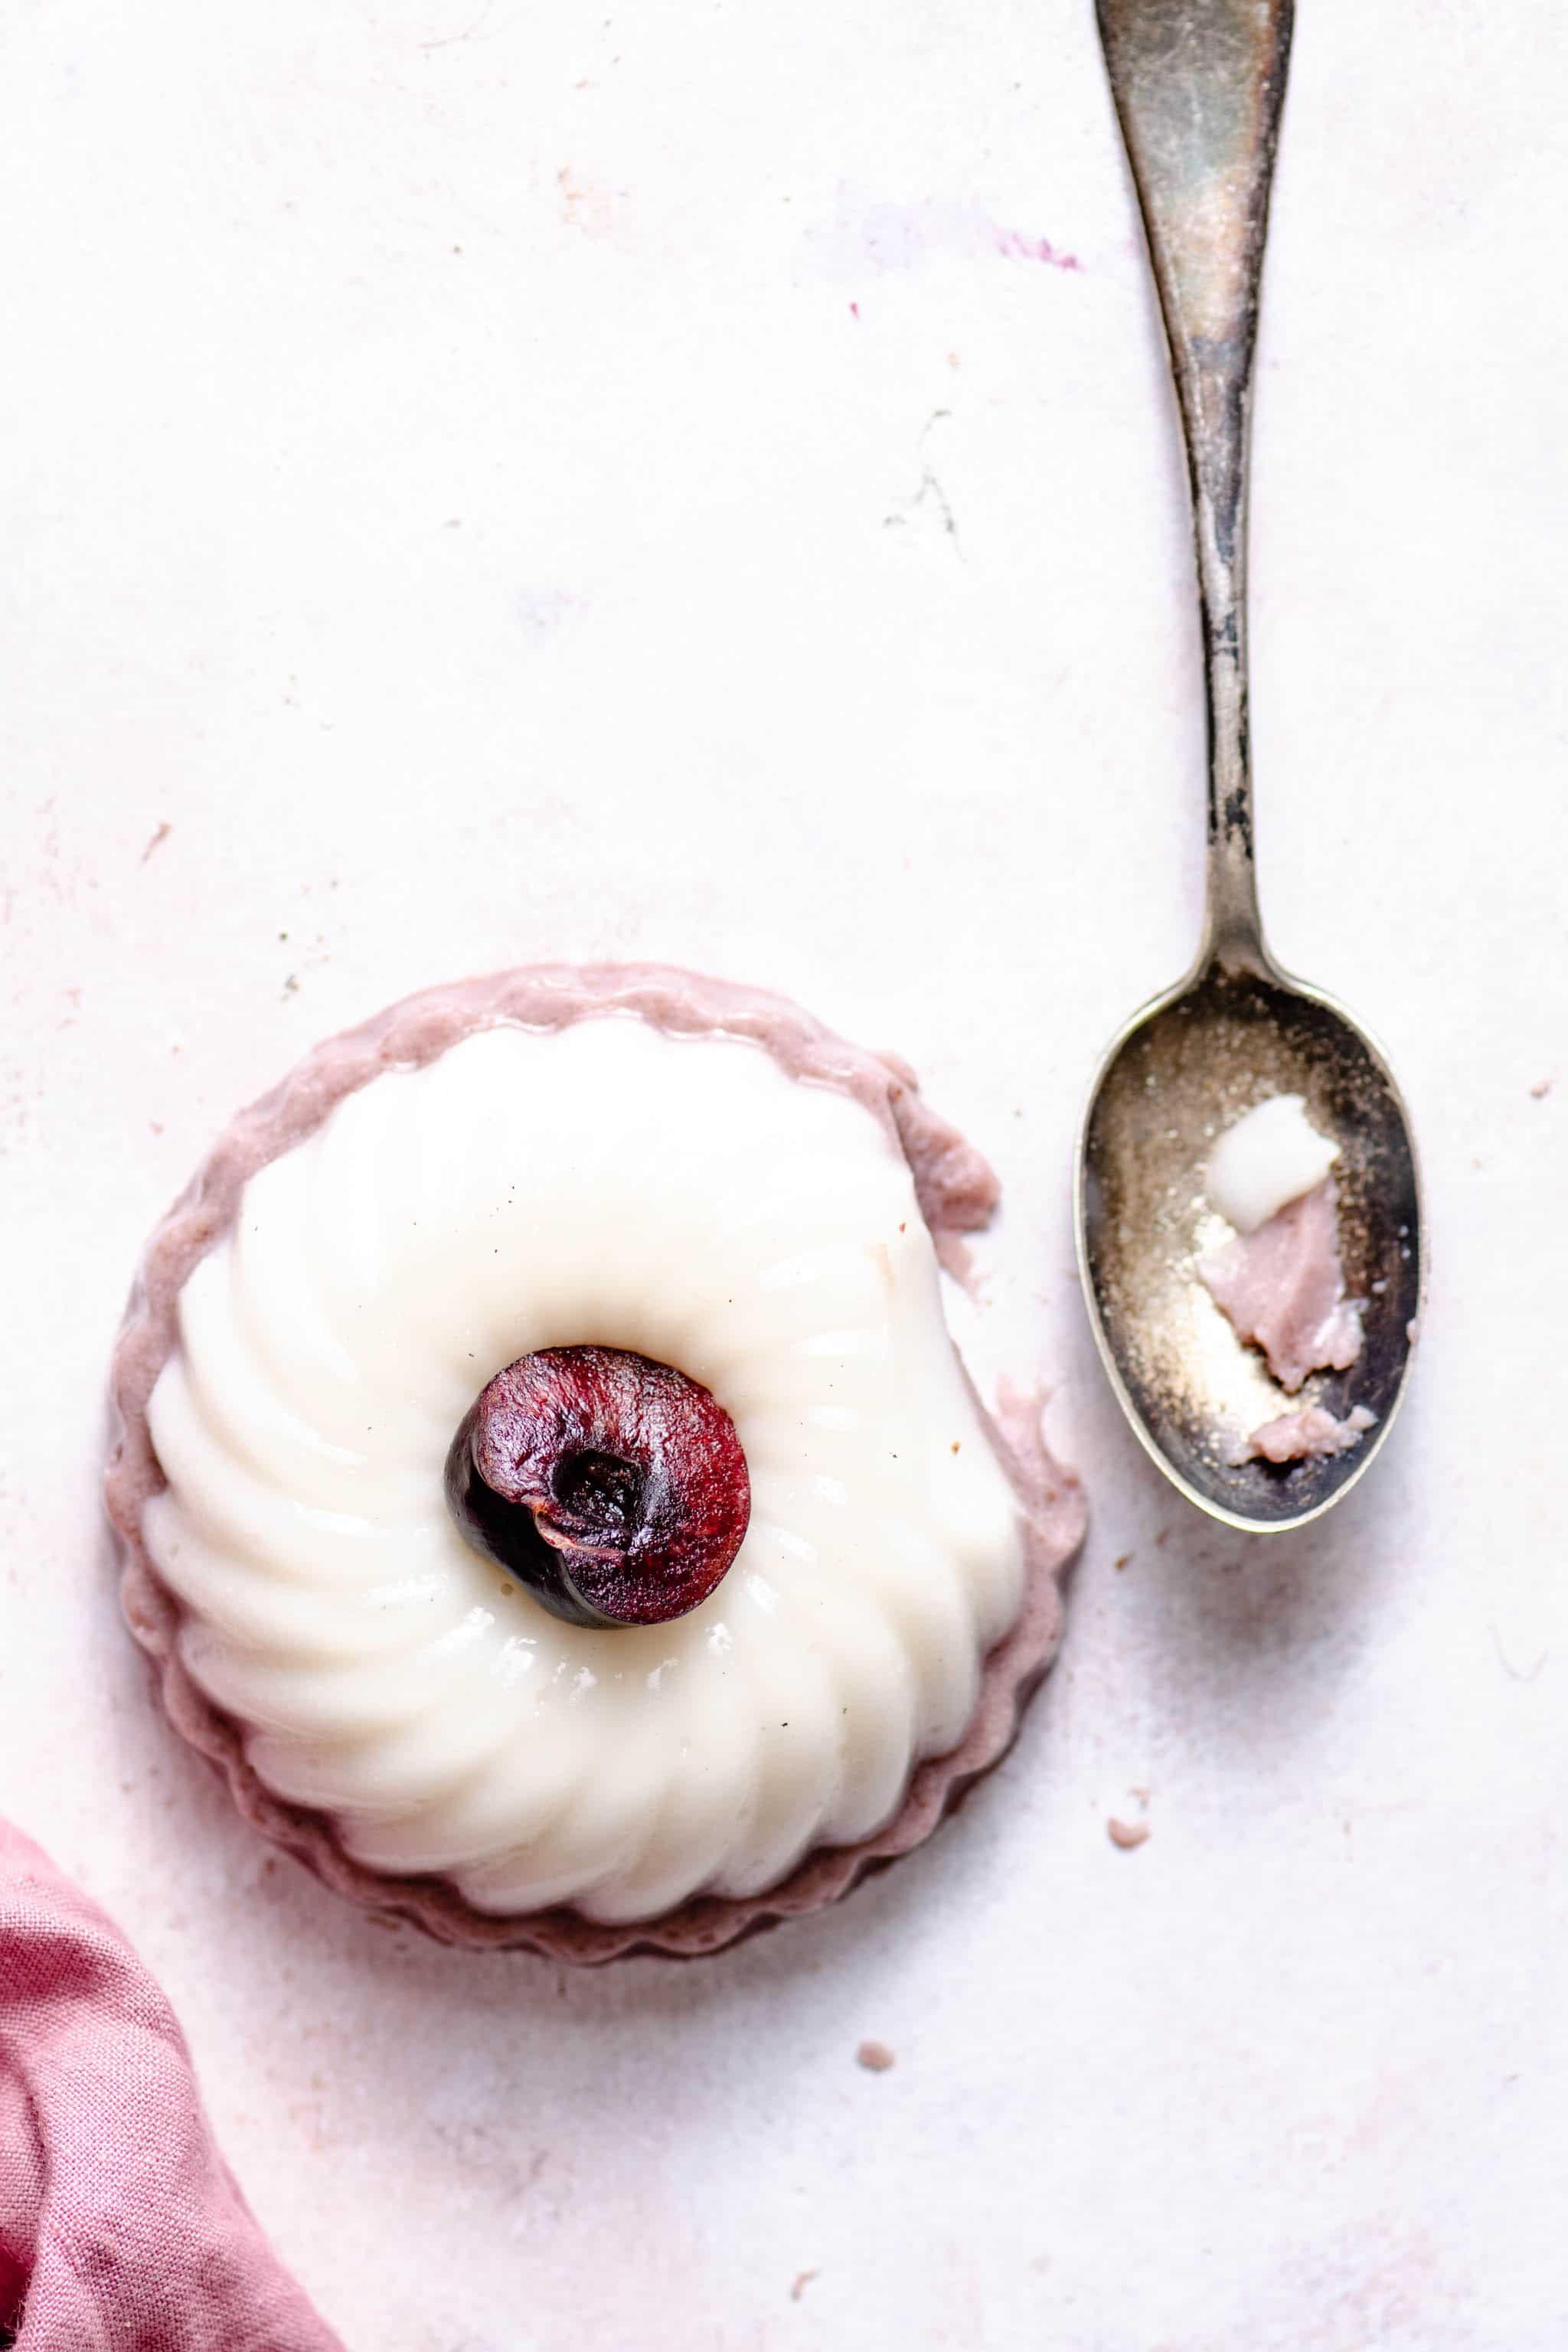 Cherry Vanilla Panna Cotta made with fresh cherries